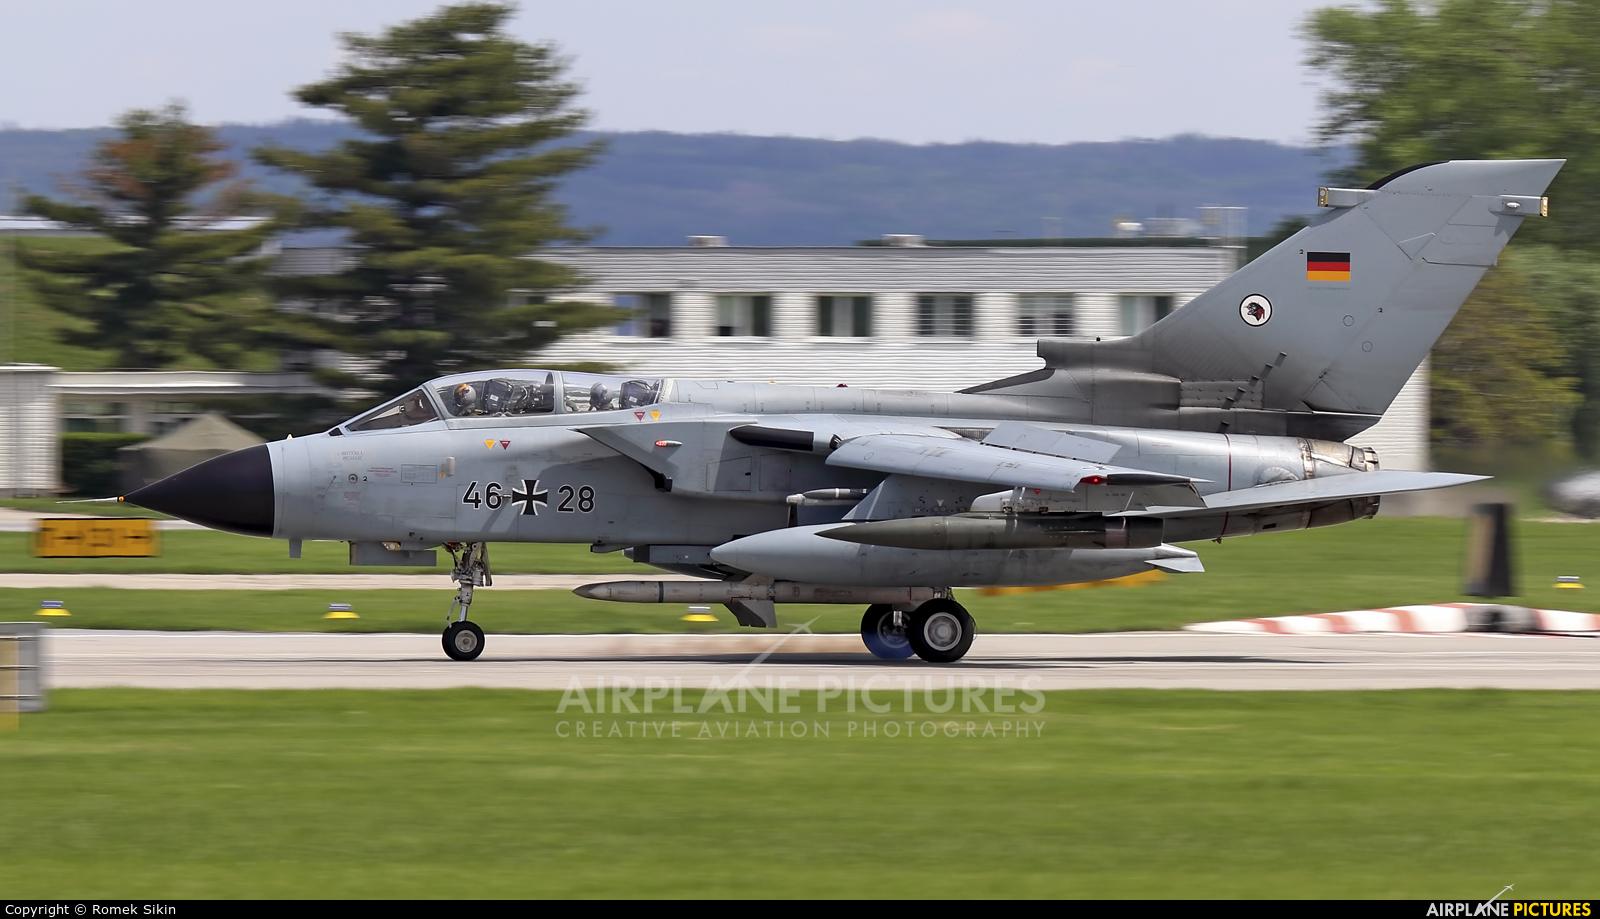 Germany - Air Force 4628 aircraft at Čáslav